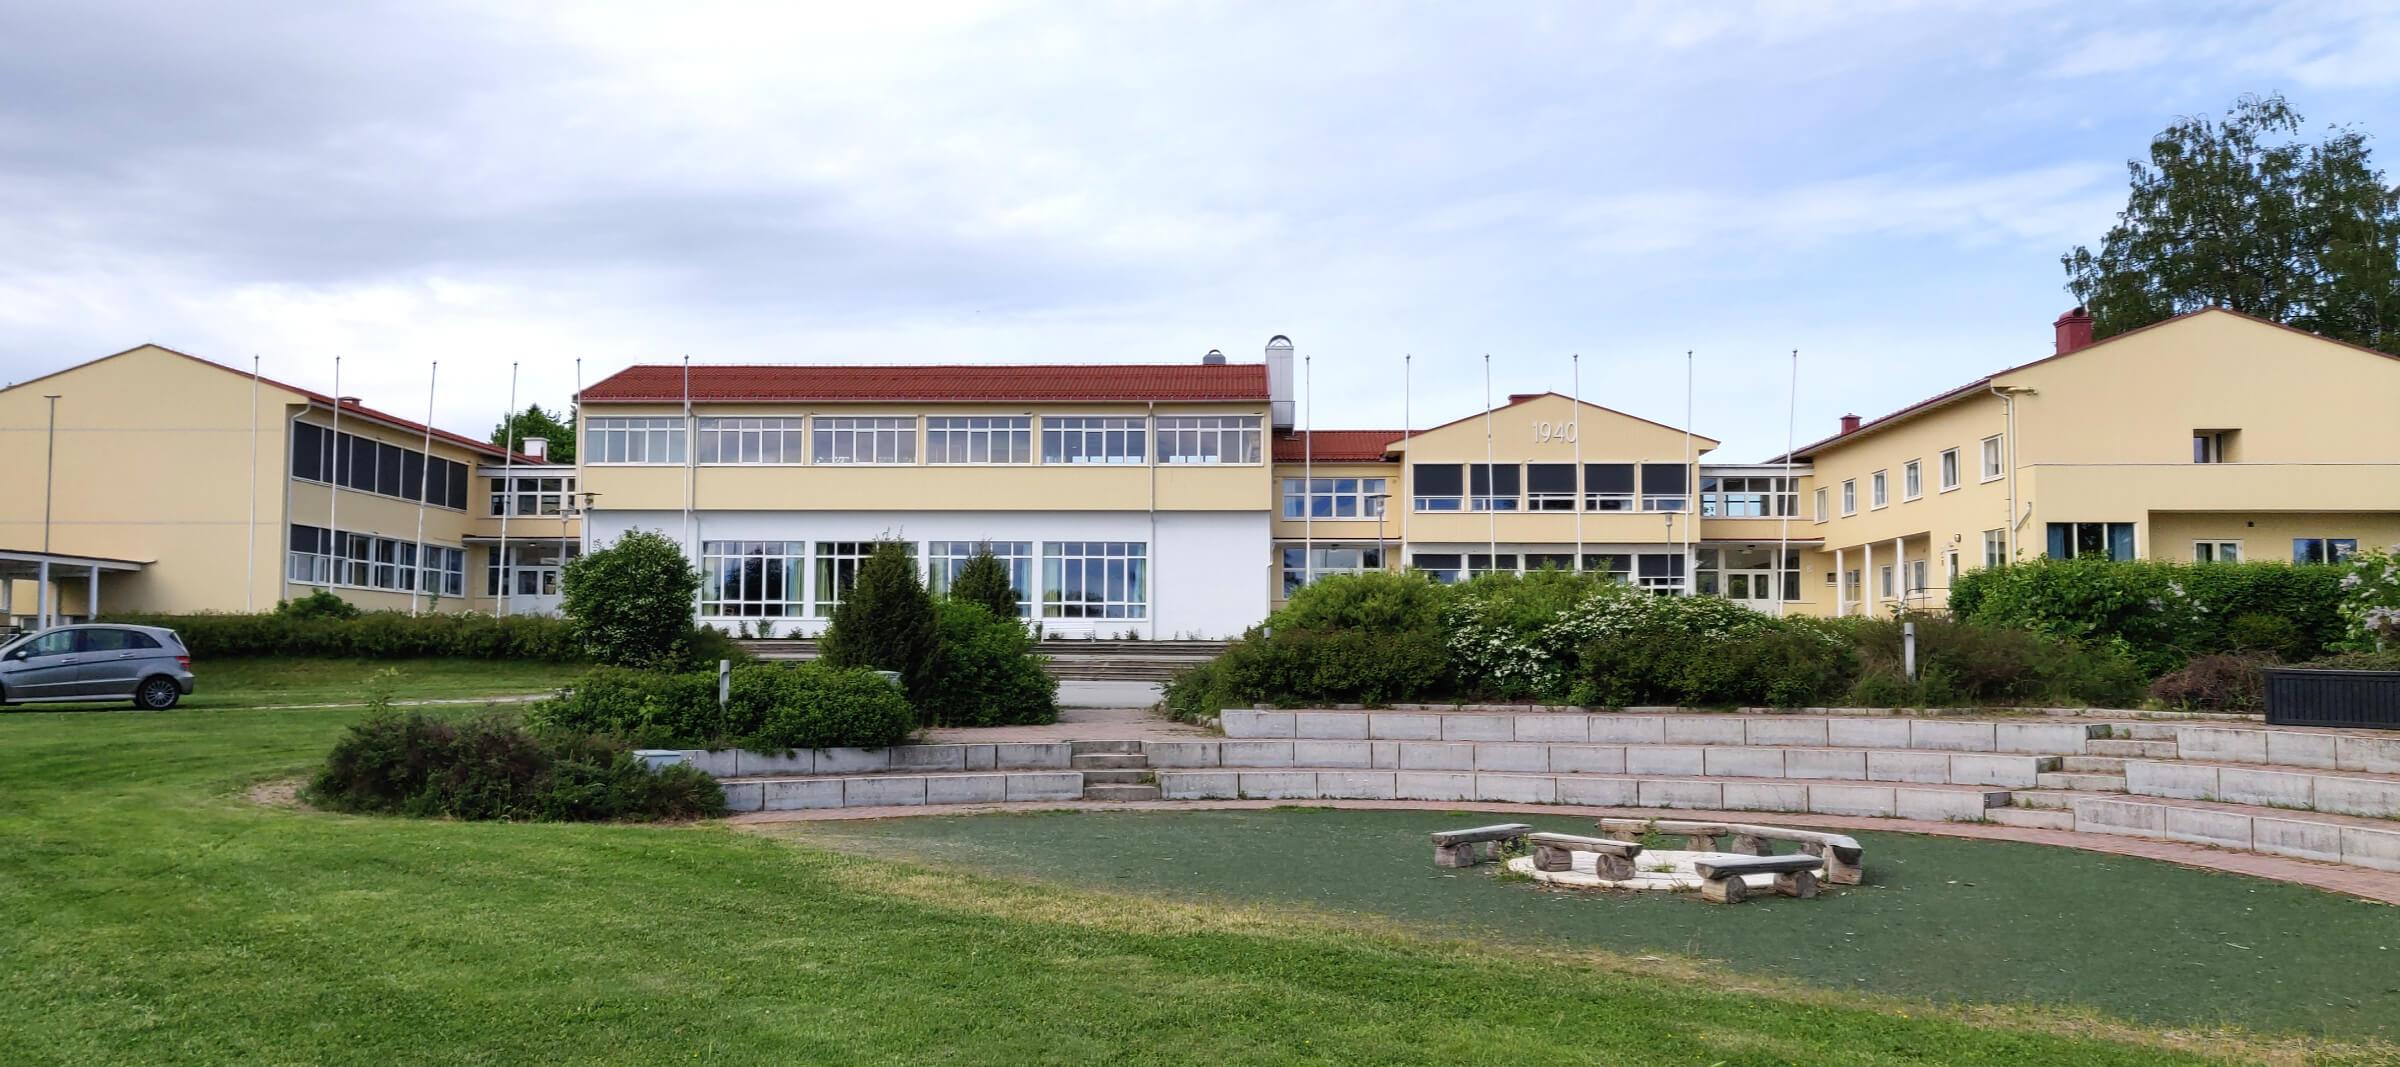 Romerike Folkehøgskole